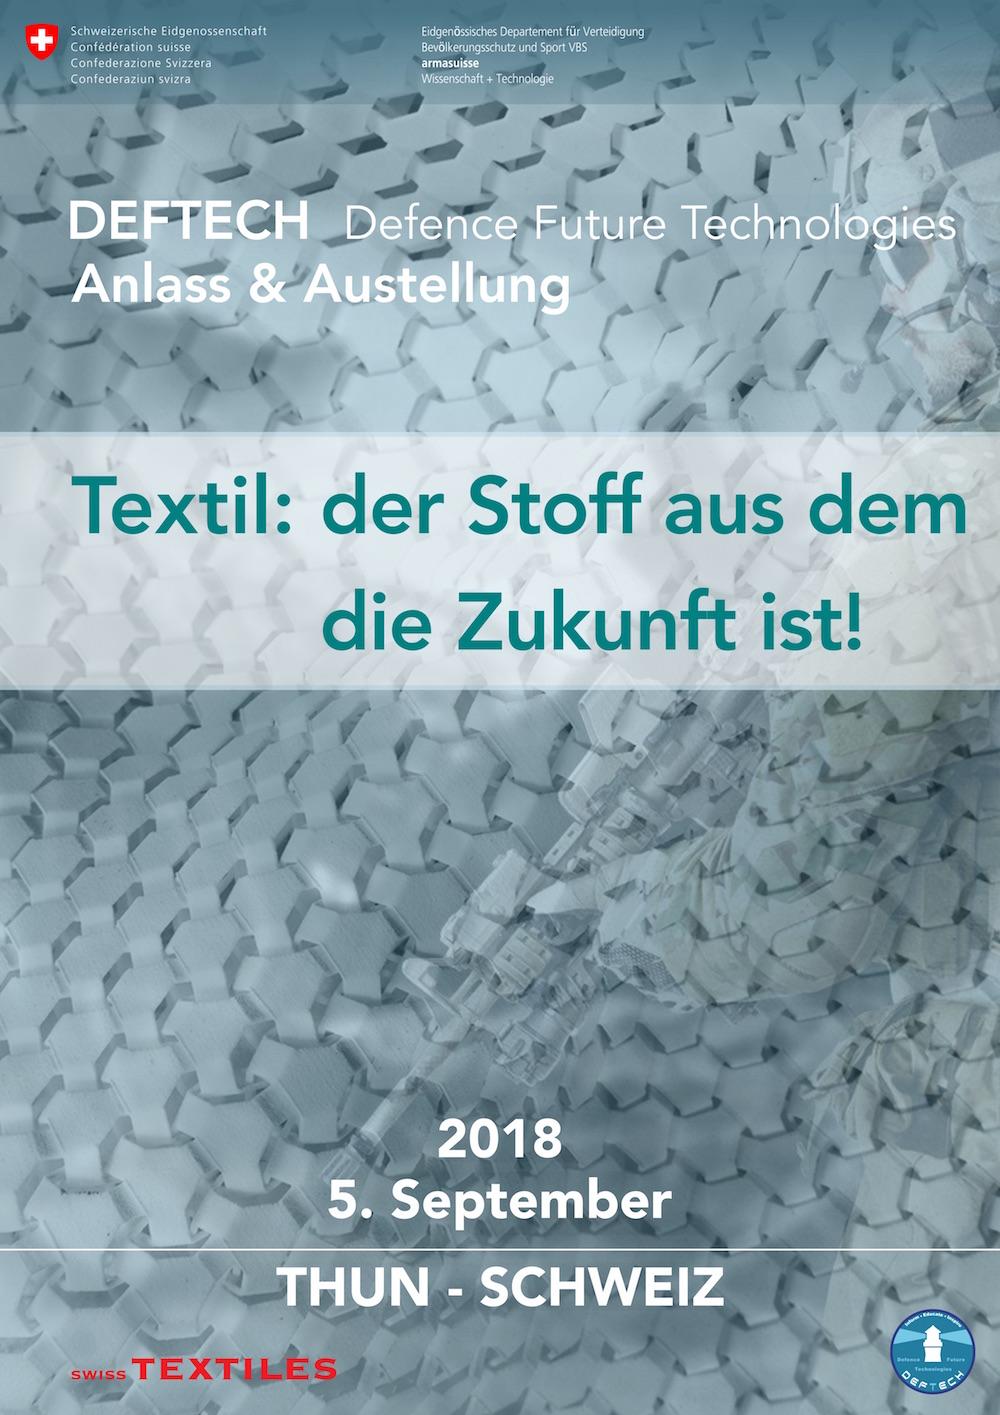 DEFTECH_Textil_Der-Stoff-aus-dem-die-Zukunft-ist__05_September_2018